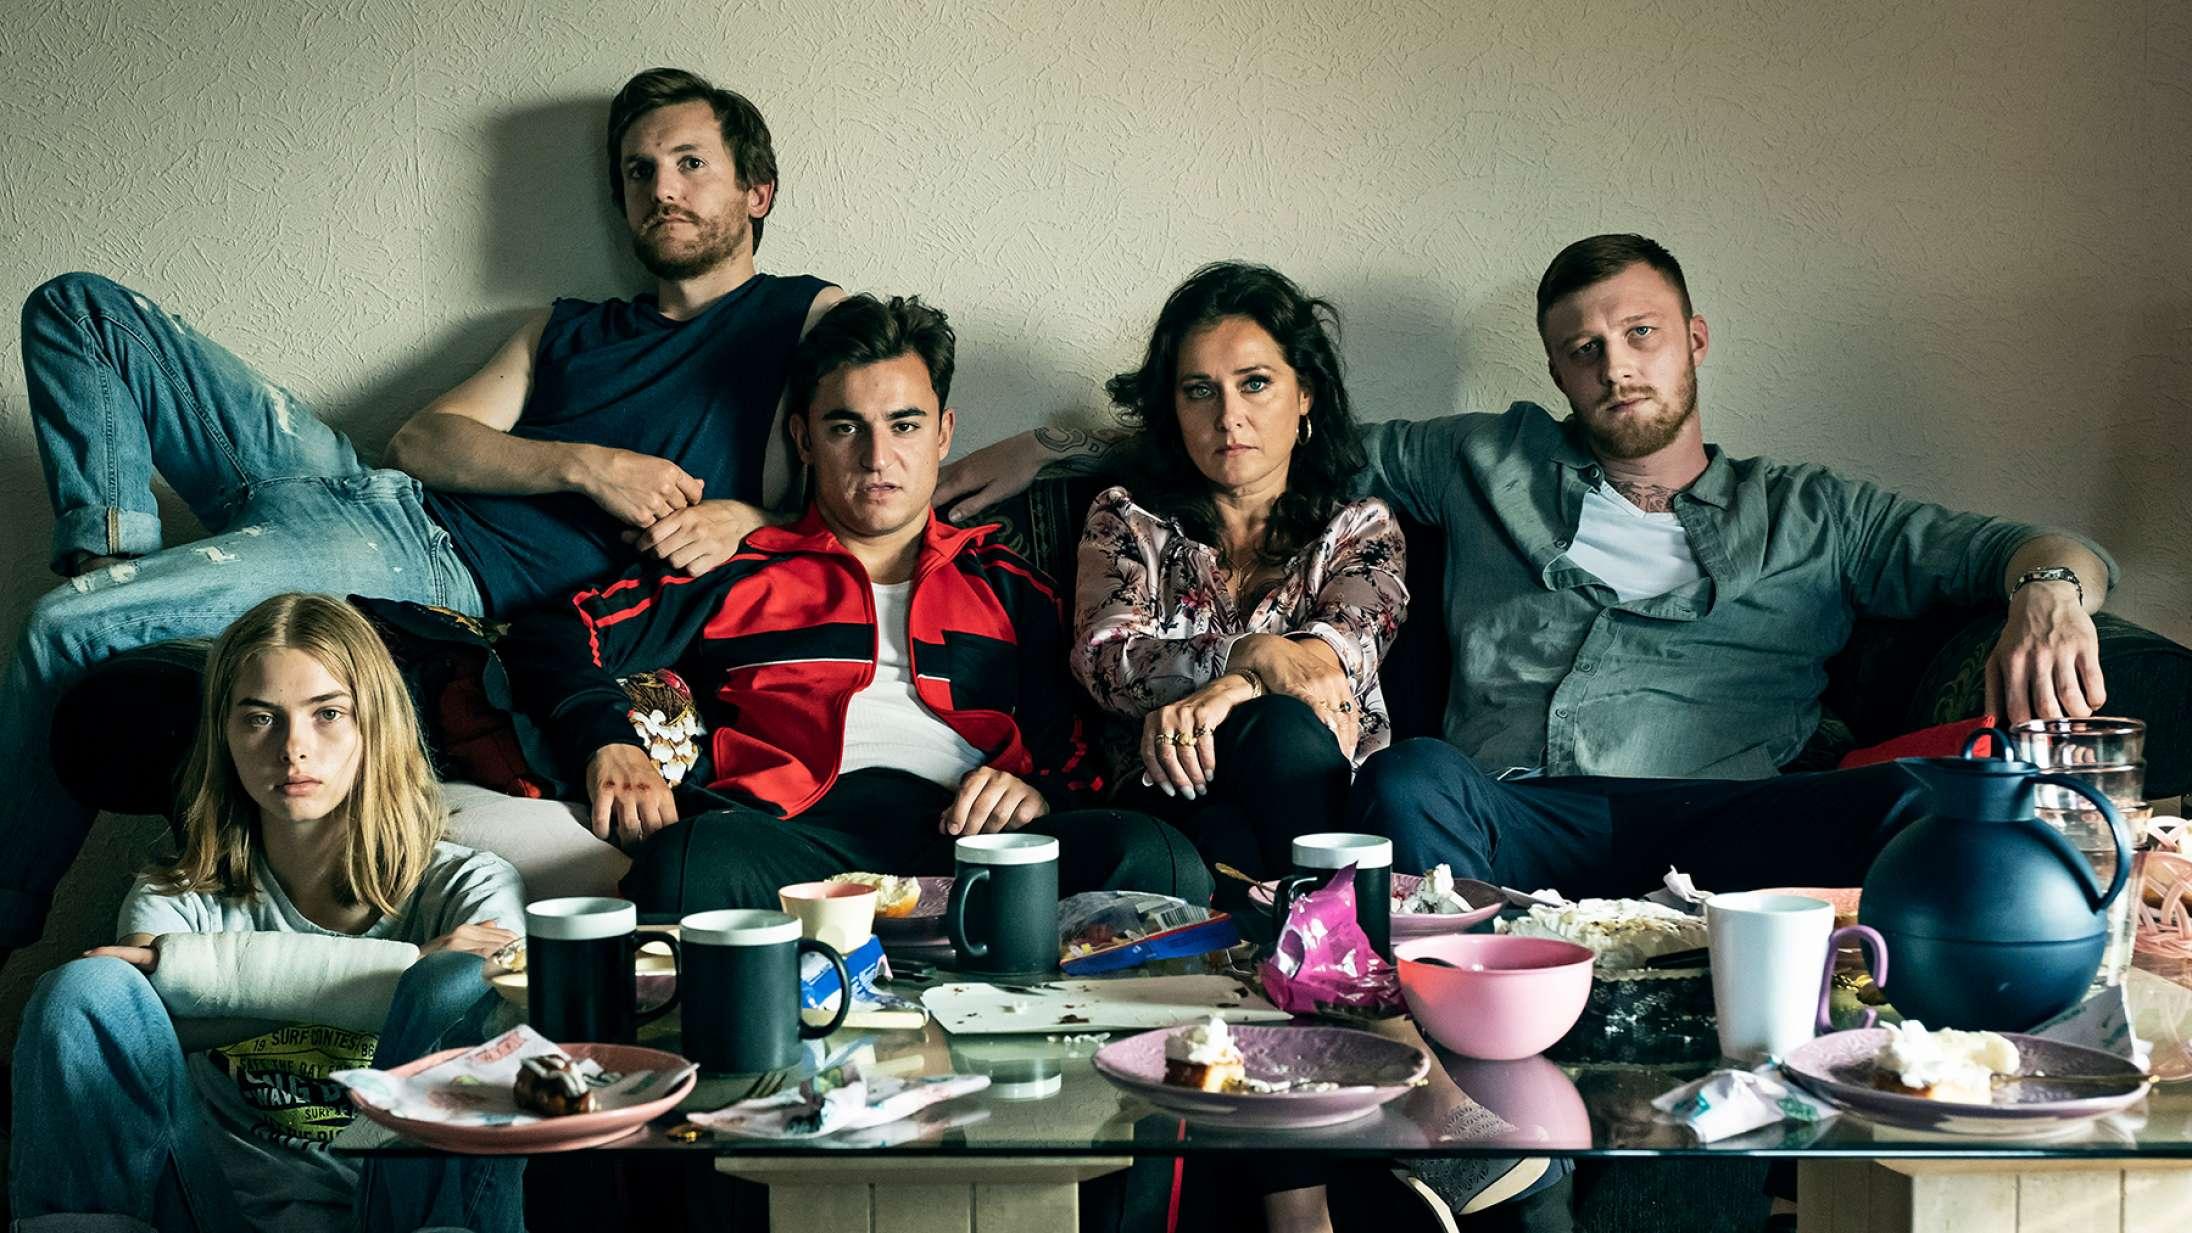 Soundvenue Forpremiere: Den danske mafiafilm 'Kød og blod' med besøg fra hele det unge hold